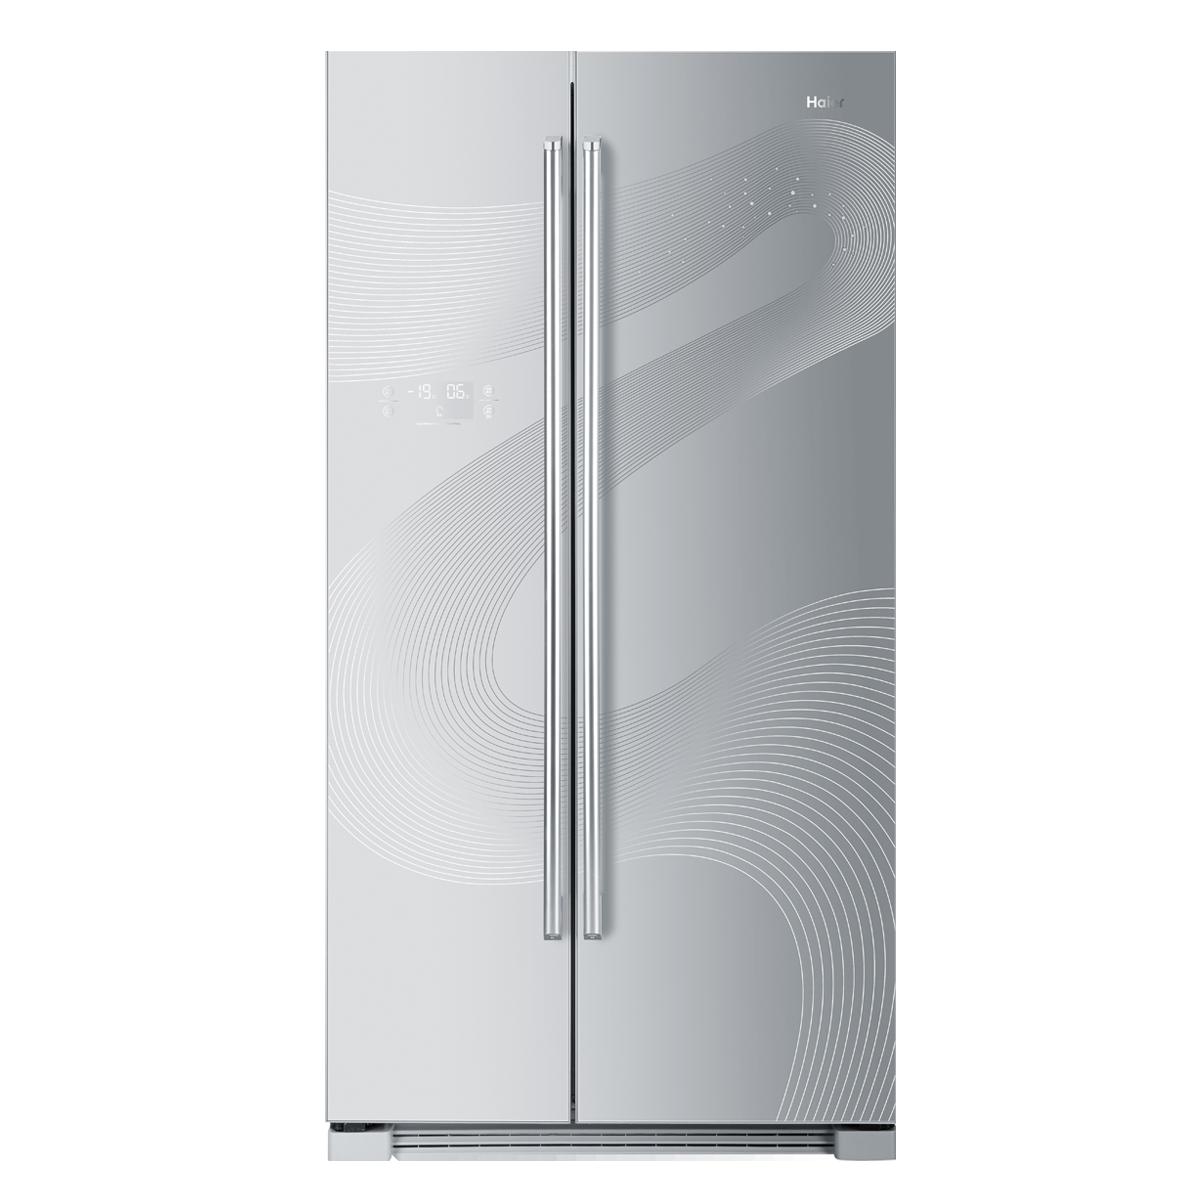 海尔Haier冰箱 BCD-643WAJD 说明书